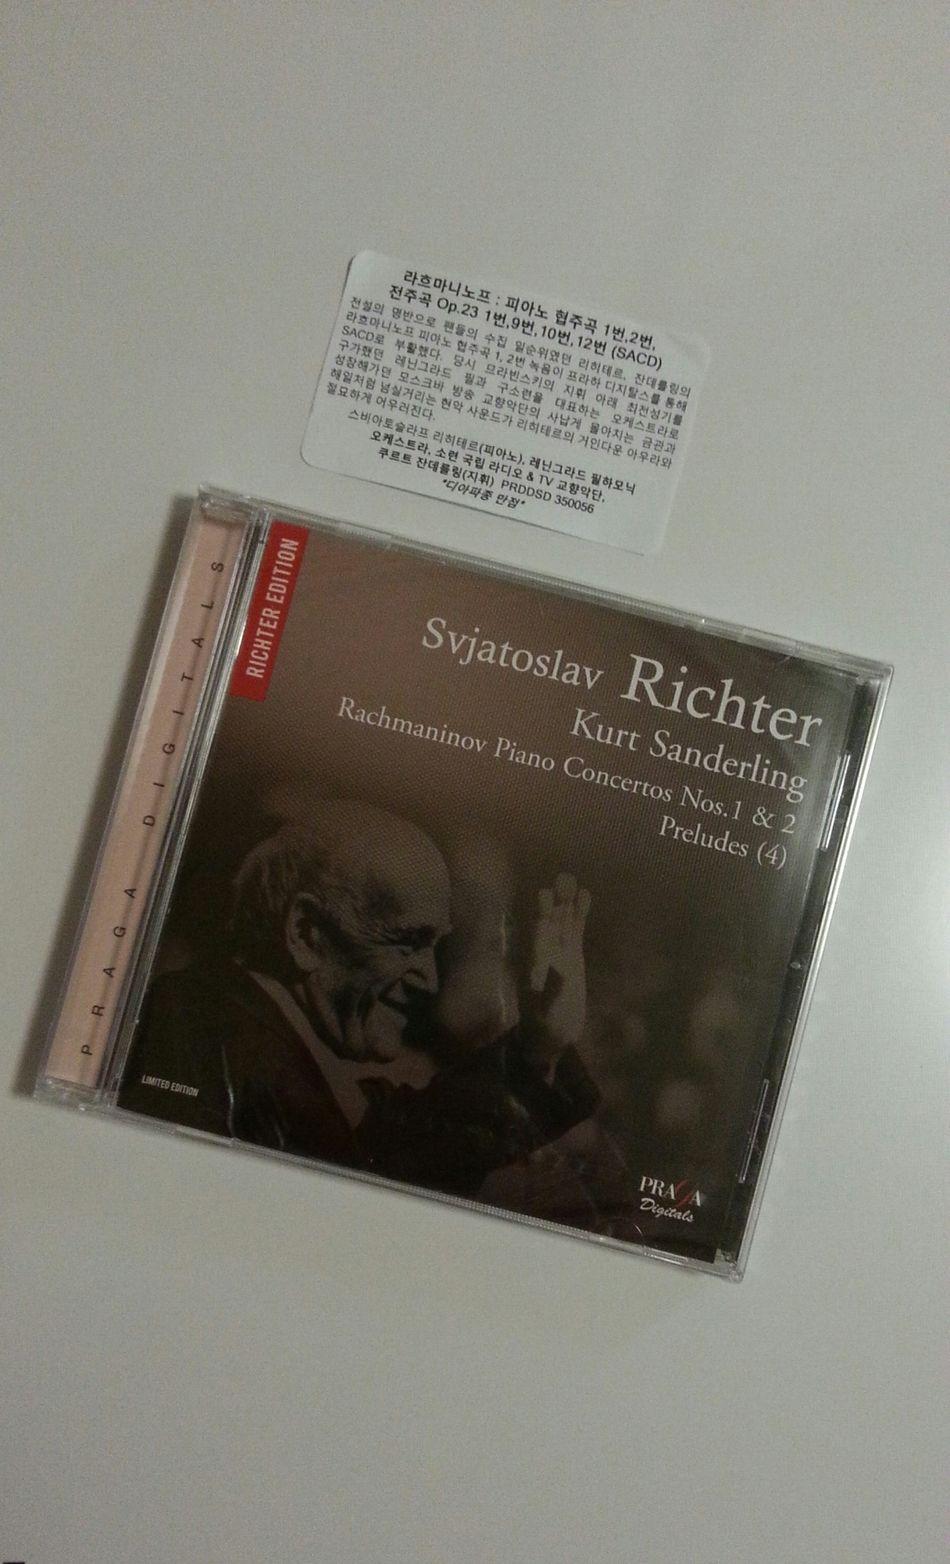 망한 포맷 SACD;;) Rachmaninov Svjatoslav Richter Kurt Sandering